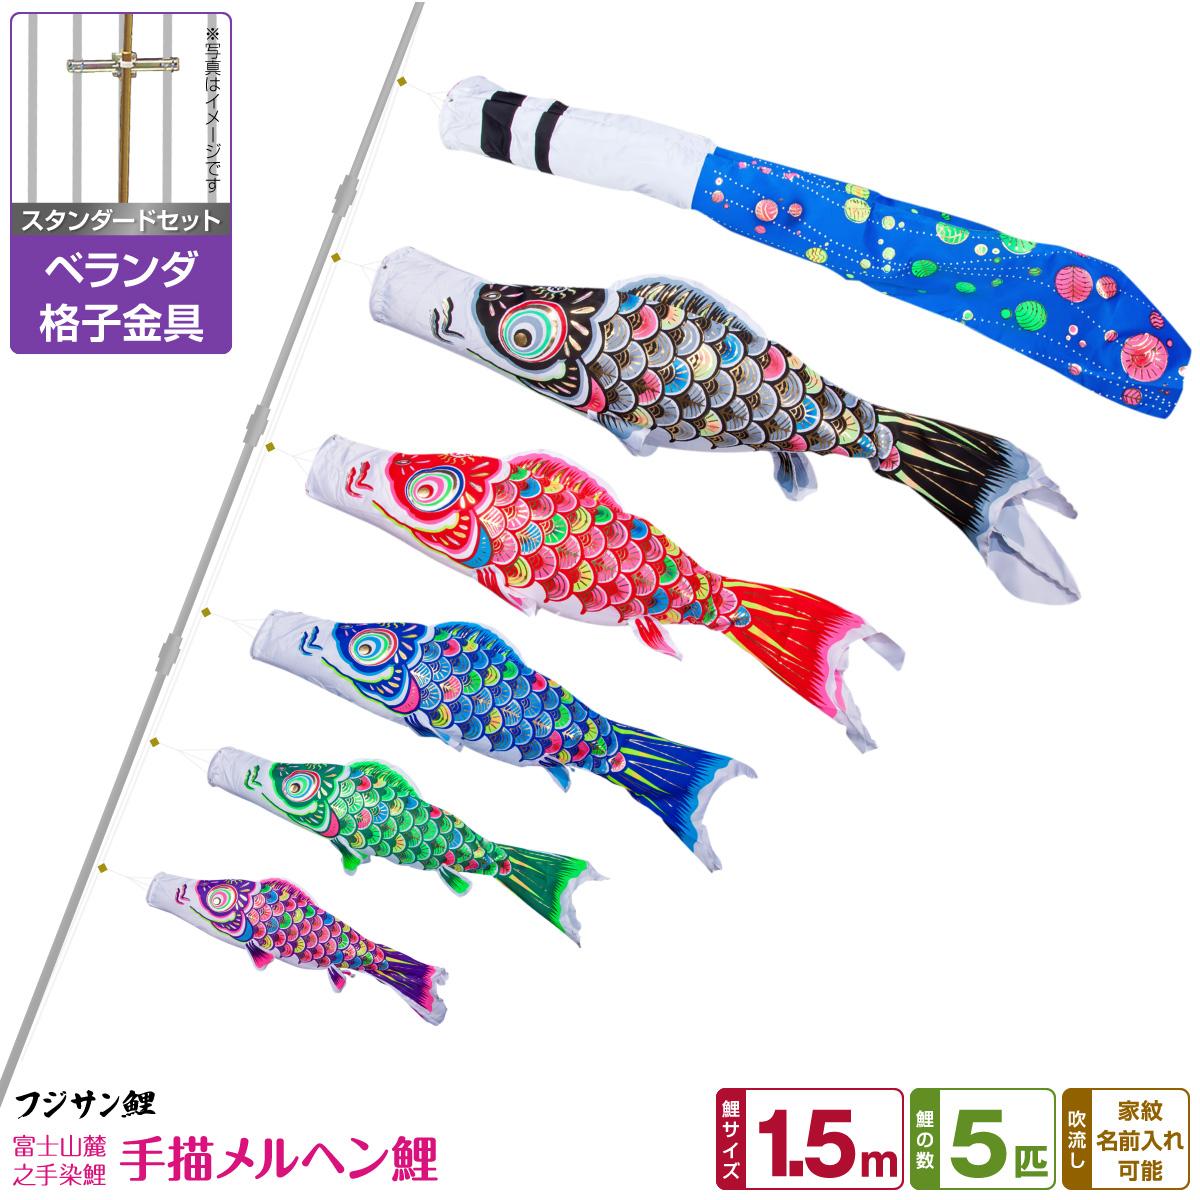 ベランダ用 こいのぼり 鯉のぼり フジサン鯉 手描メルヘン鯉 1.5m 8点(吹流し+鯉5匹+矢車+ロープ)/スタンダードセット(格子金具)